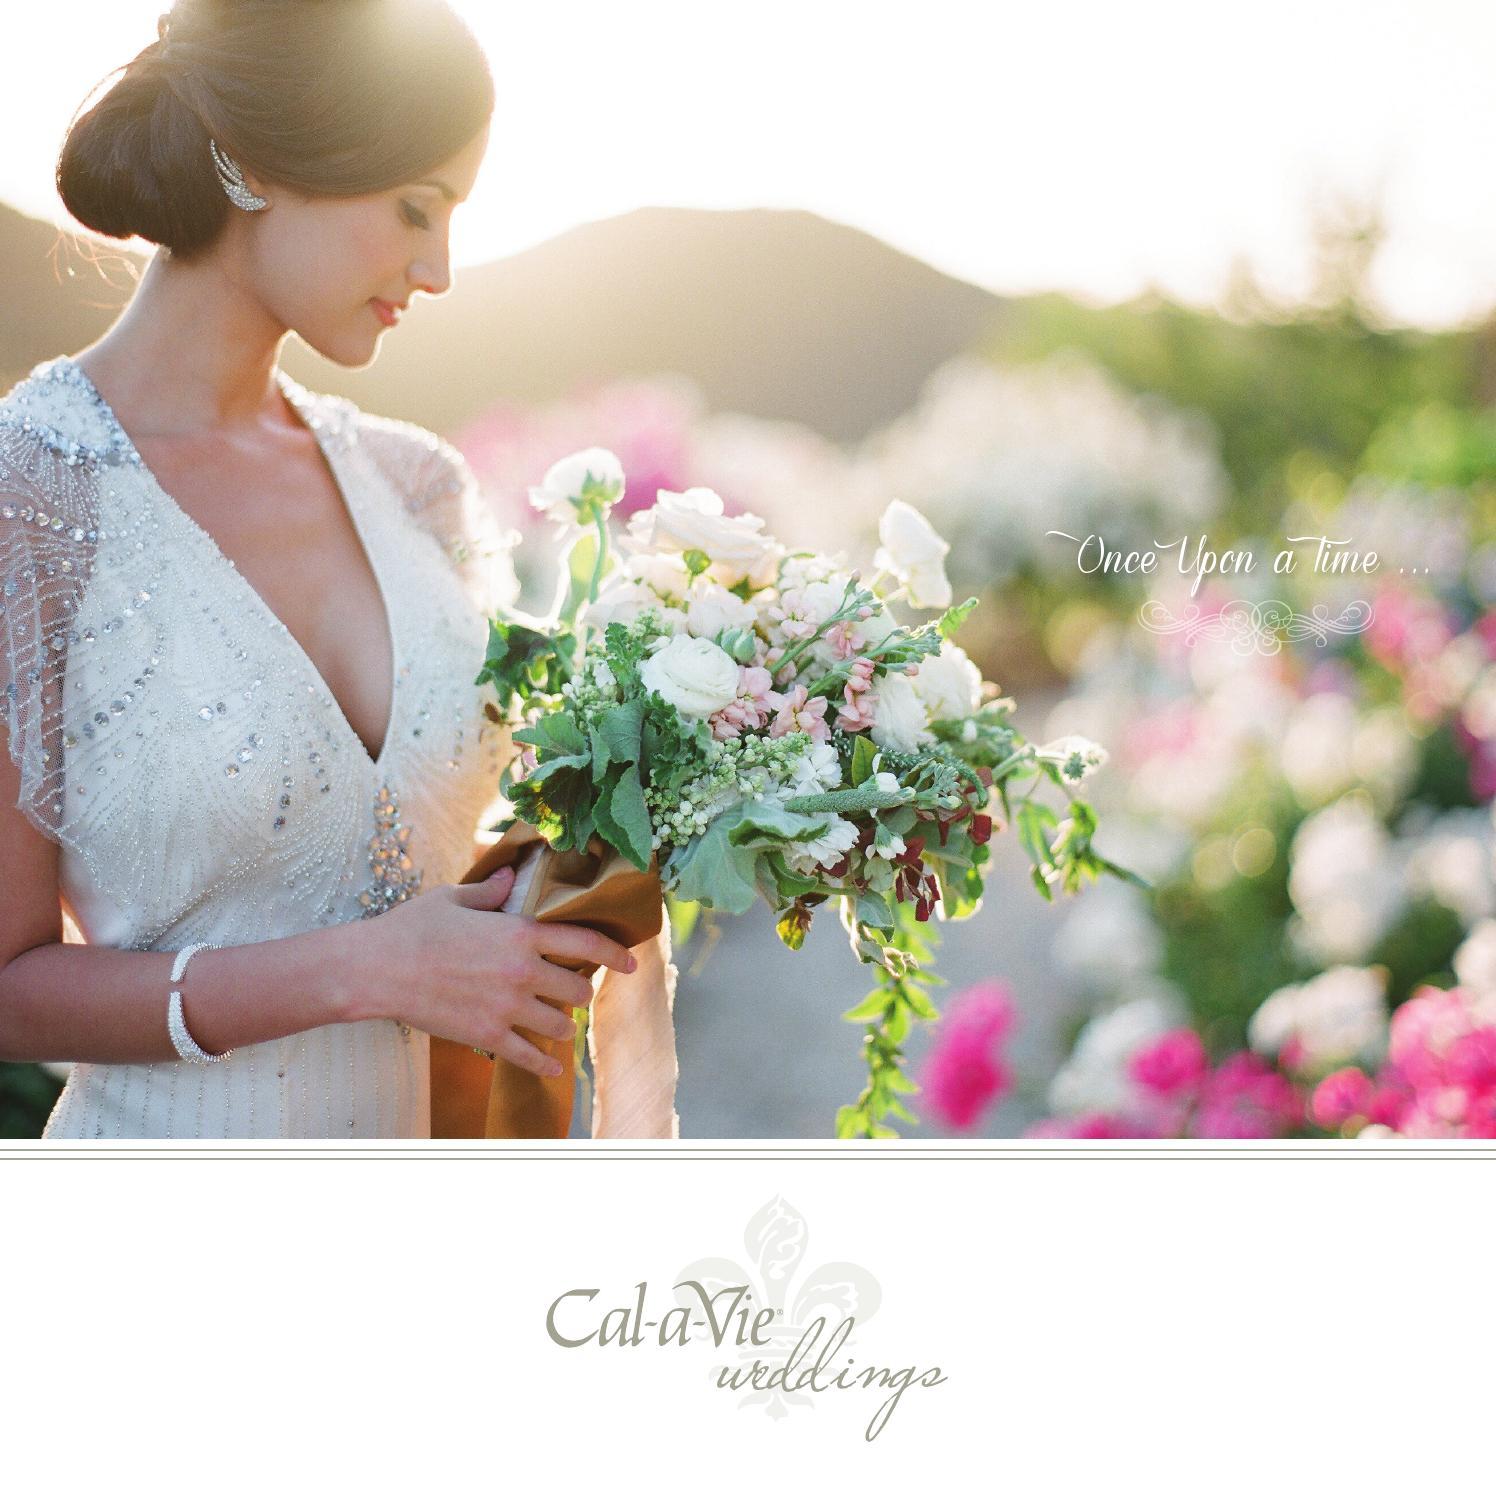 Cal a vie weddings by cal a vie health spa issuu for Cal a vie health spa